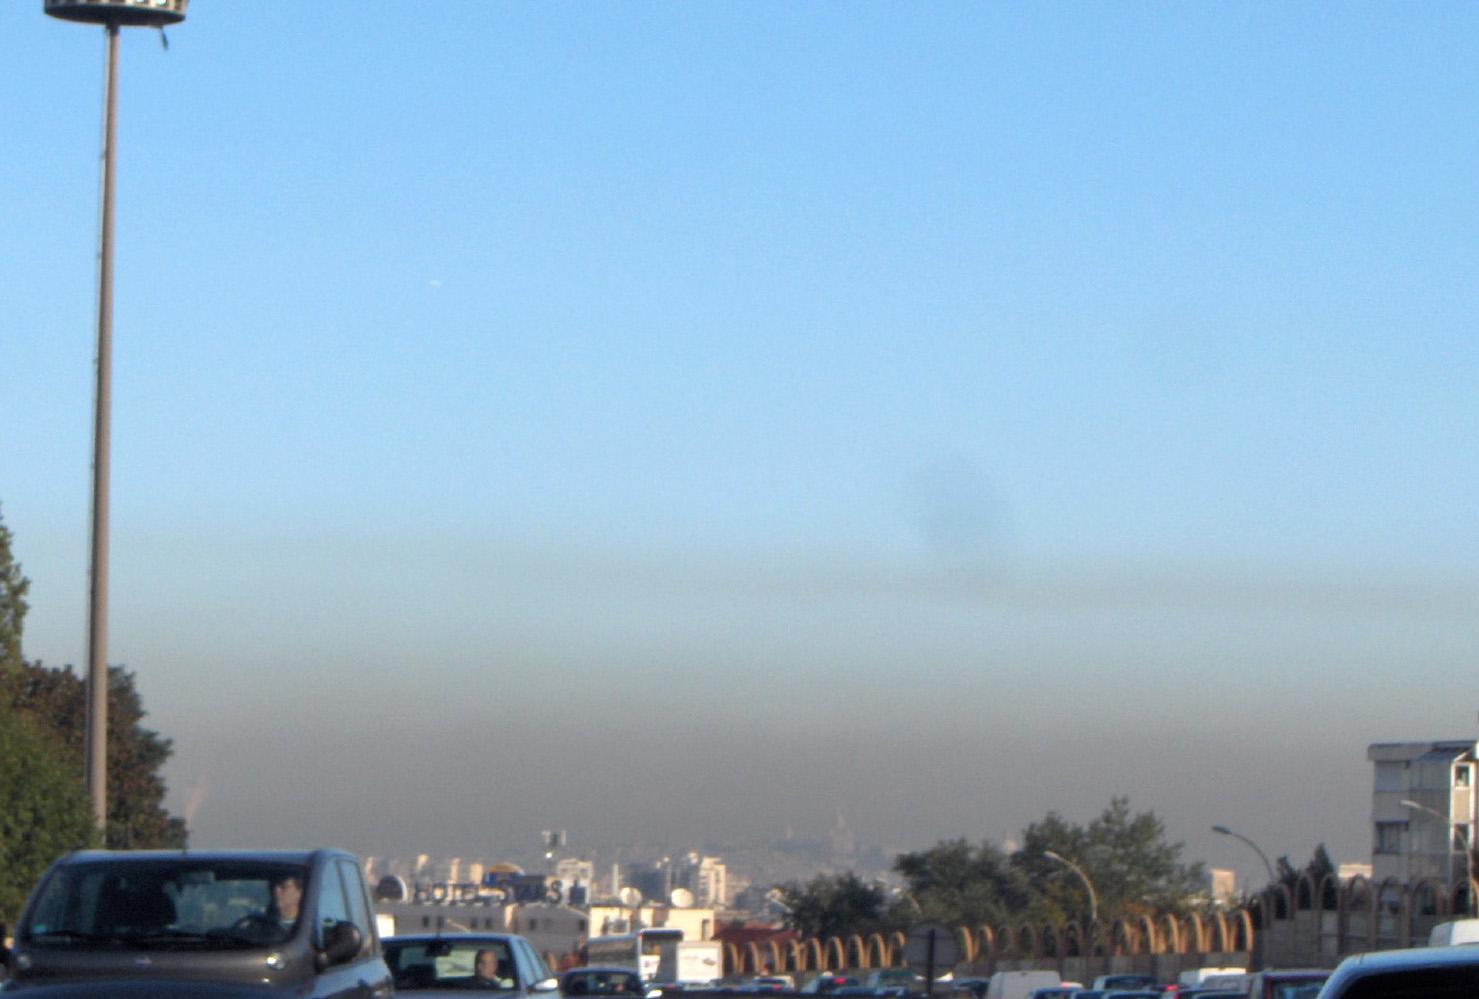 Imágenes antes-después muestran el impresionante efecto positivo de la cuarentena sobre la contaminación